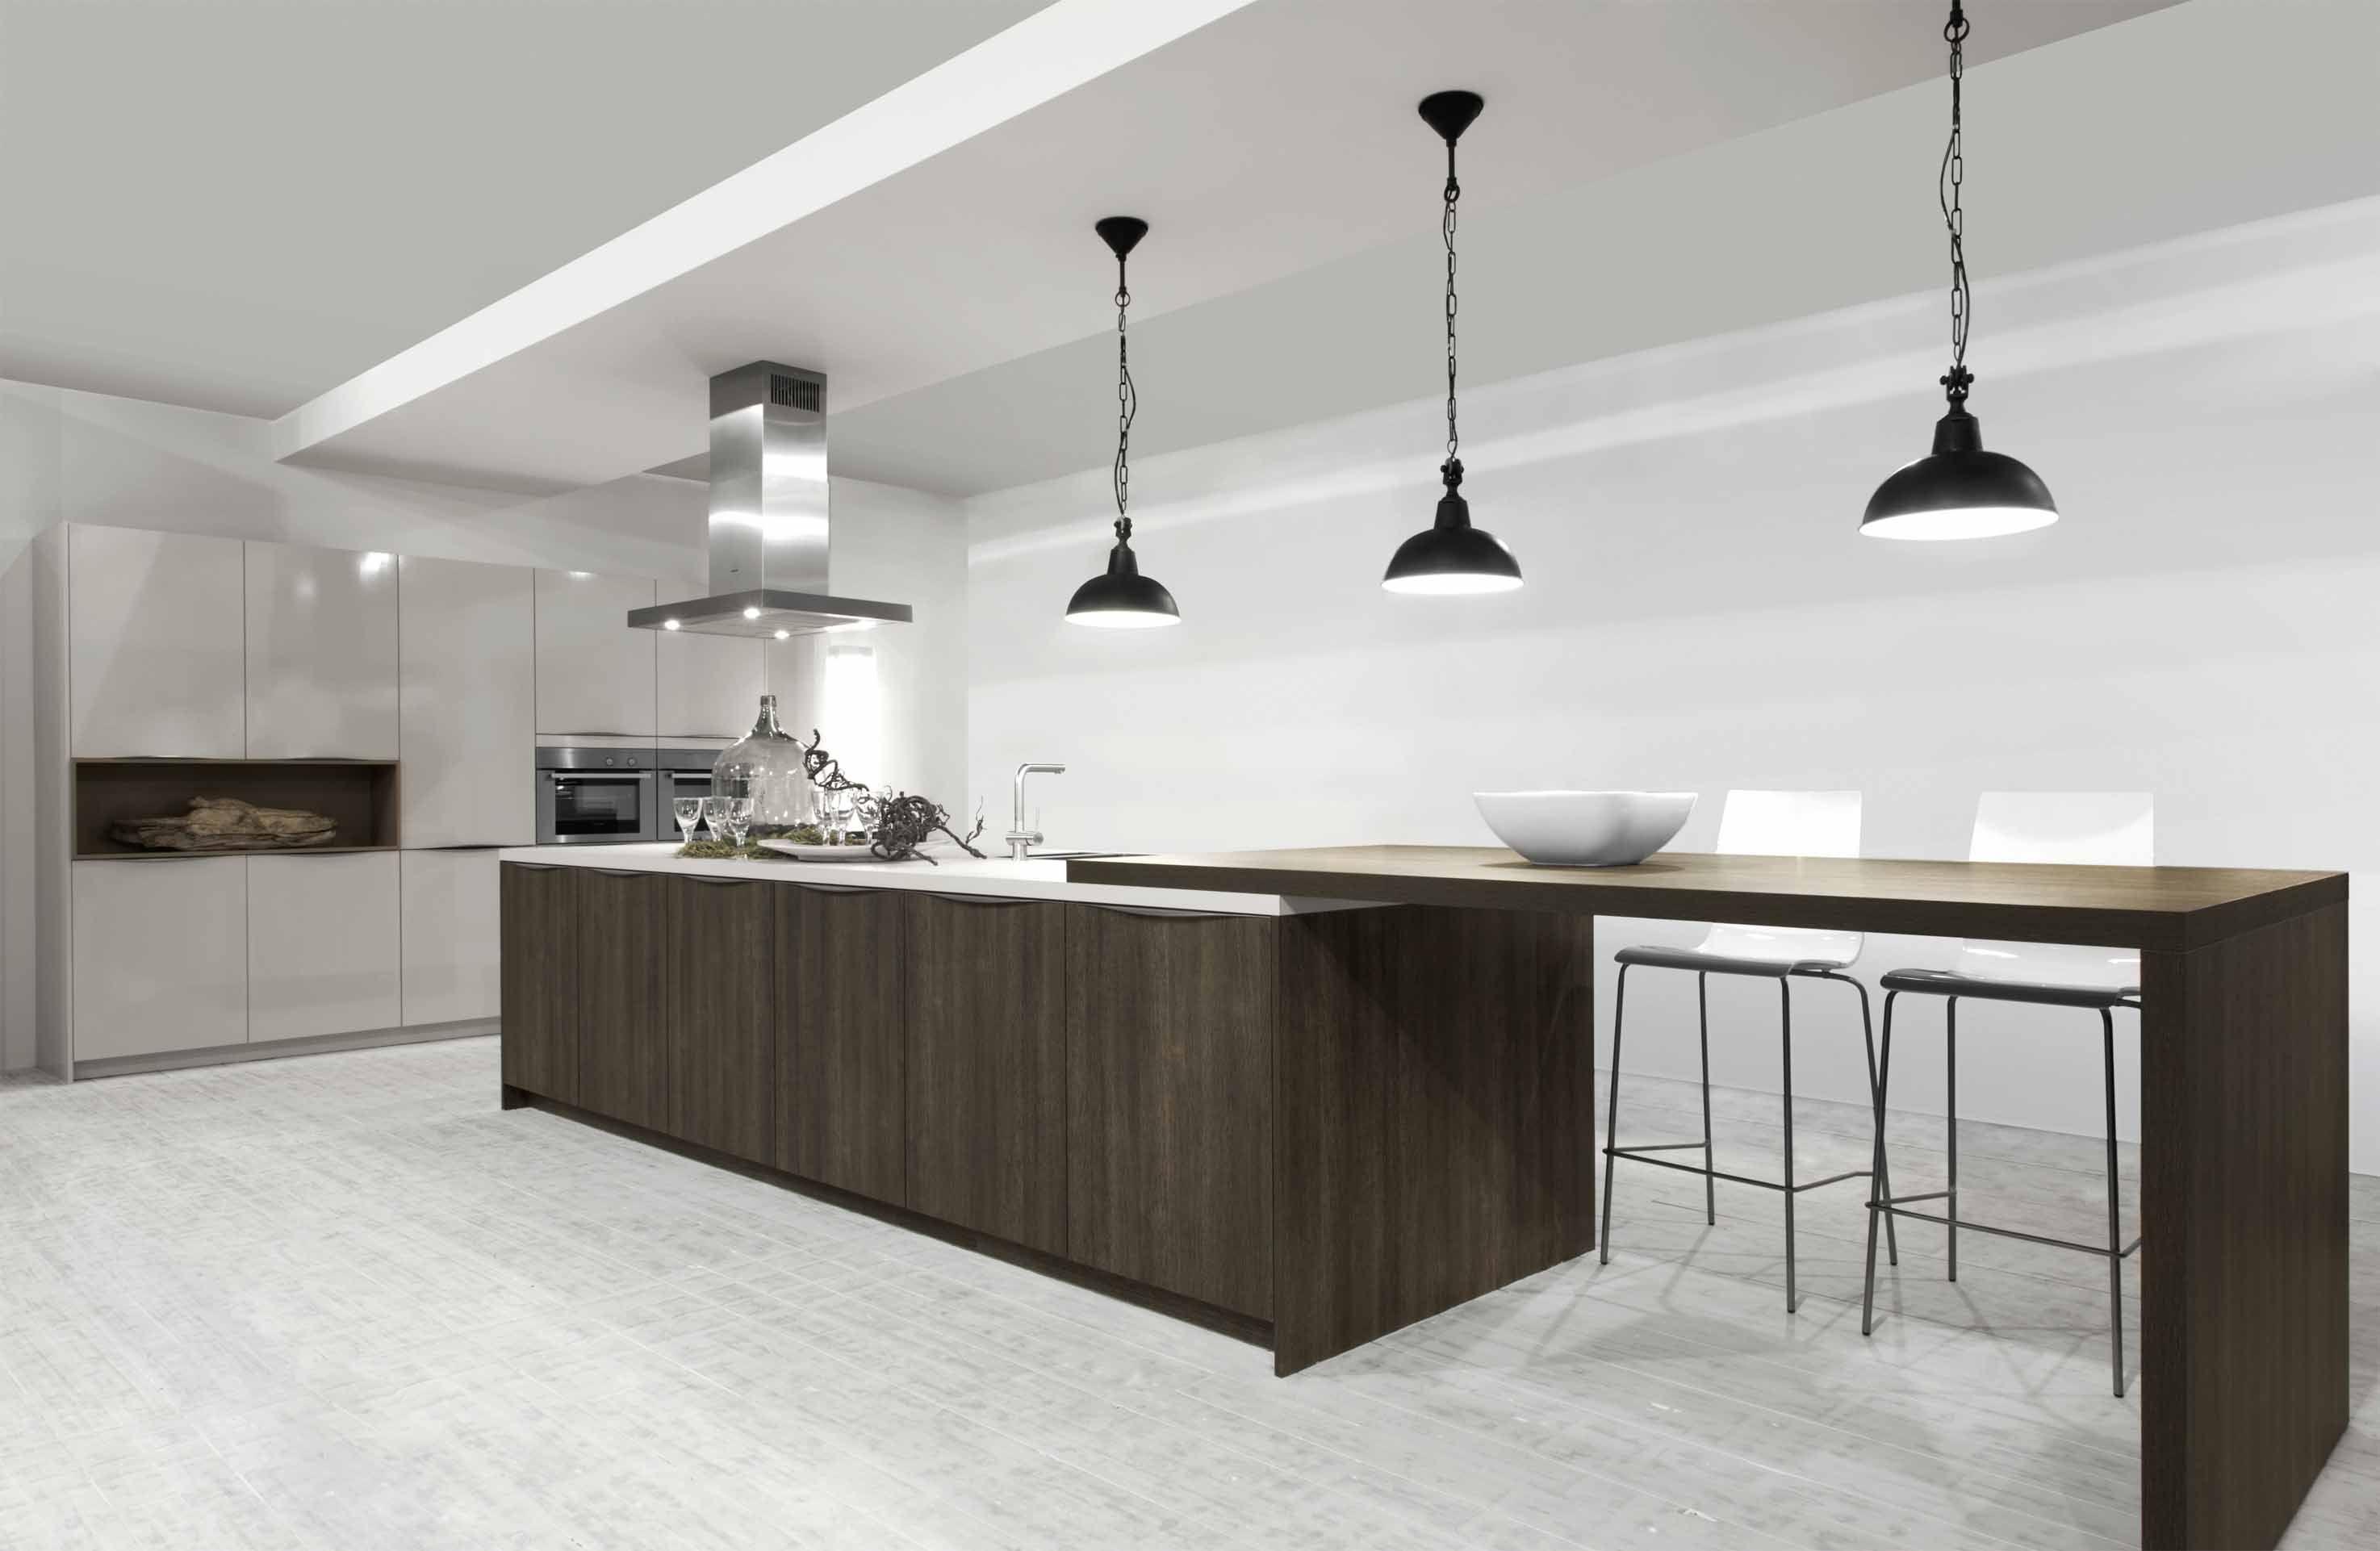 Showroomkeukens alle showroomkeuken aanbiedingen uit nederland keukens voor zeer lage keuken - Grote keuken met kookeiland ...